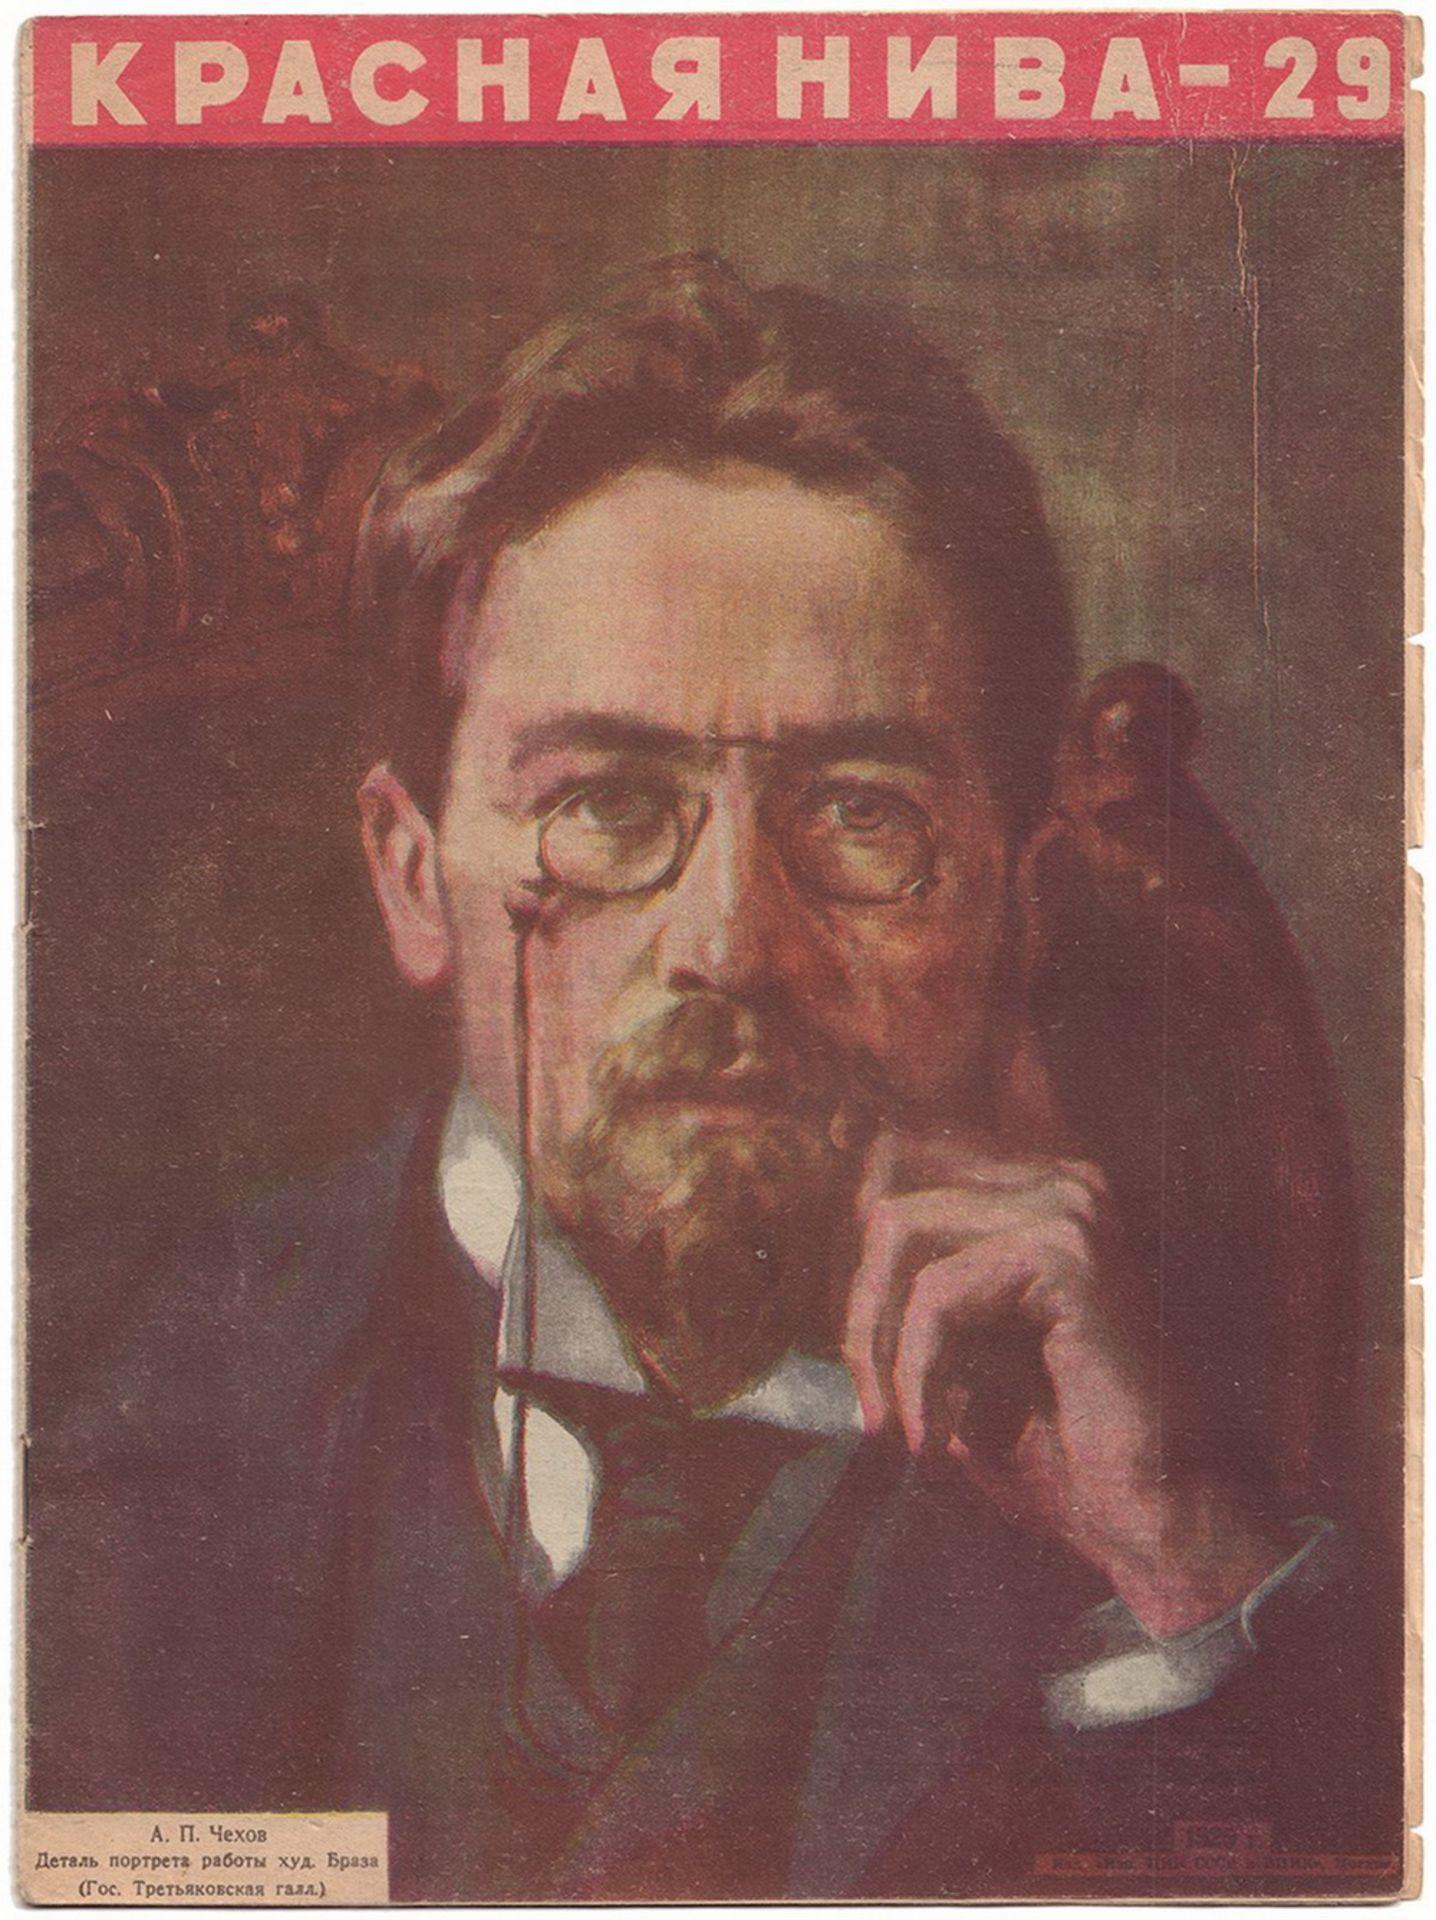 """[about A. Chekhov. Soviet art]. """"Krasnaya Niva"""" [Red Fields]: Magazine. Issue 29th. - Moscow, 1929."""